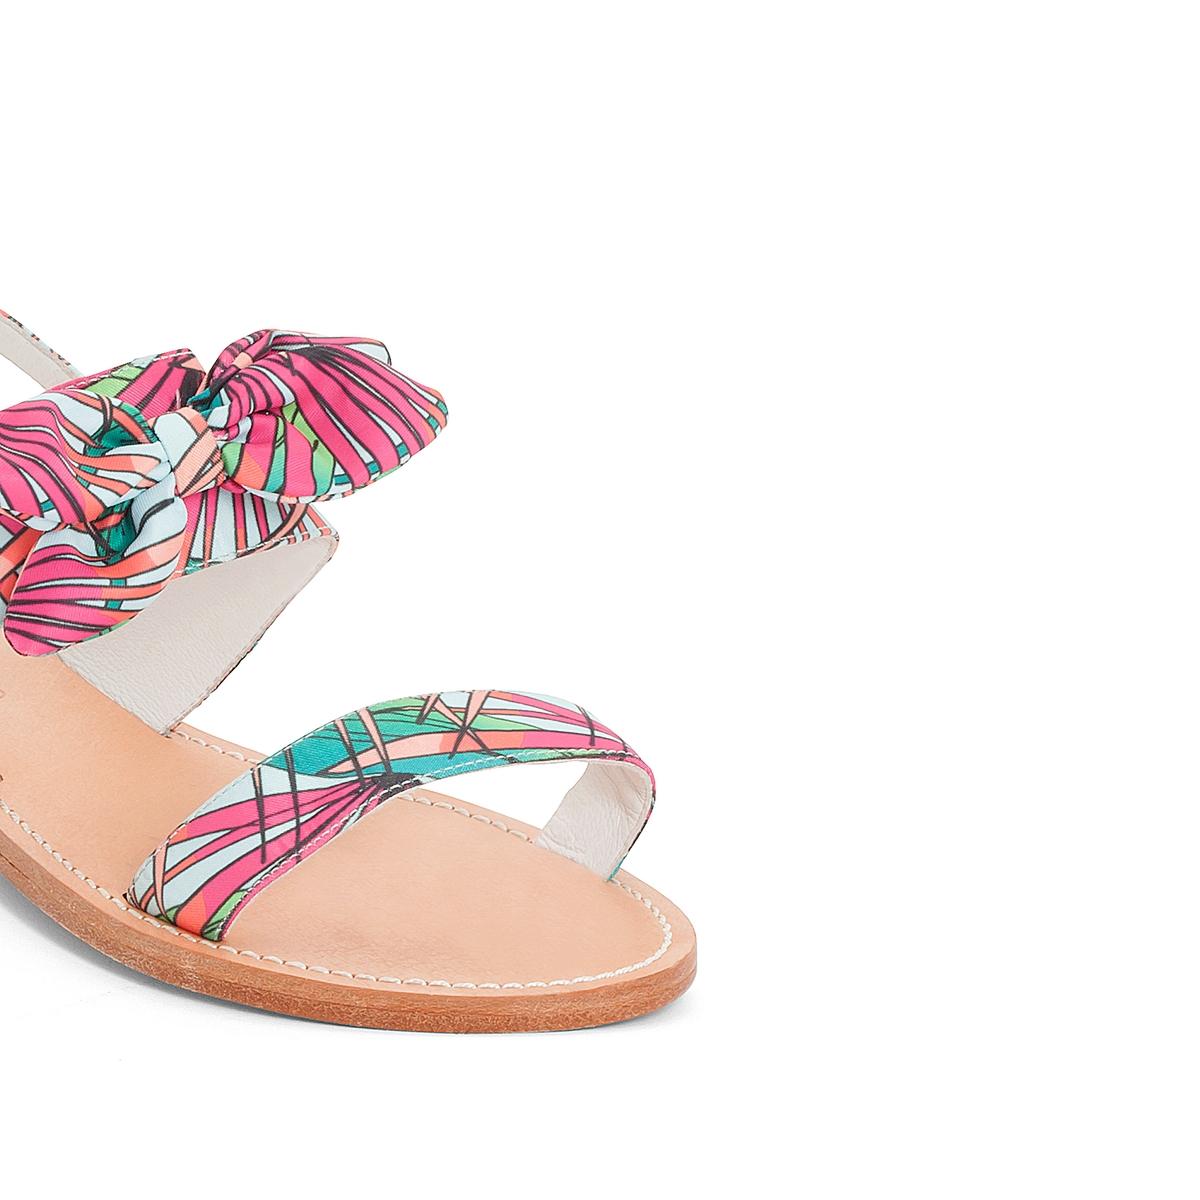 Босоножки кожаные BadonaВерх : кожа и текстиль   Подкладка : кожа   Стелька : кожа   Подошва : каучук   Высота каблука : 1 см   Форма каблука : плоский каблук   Мысок : закругленный мысок  Застежка : пряжка<br><br>Цвет: наб. рисунок/ розовый<br>Размер: 38